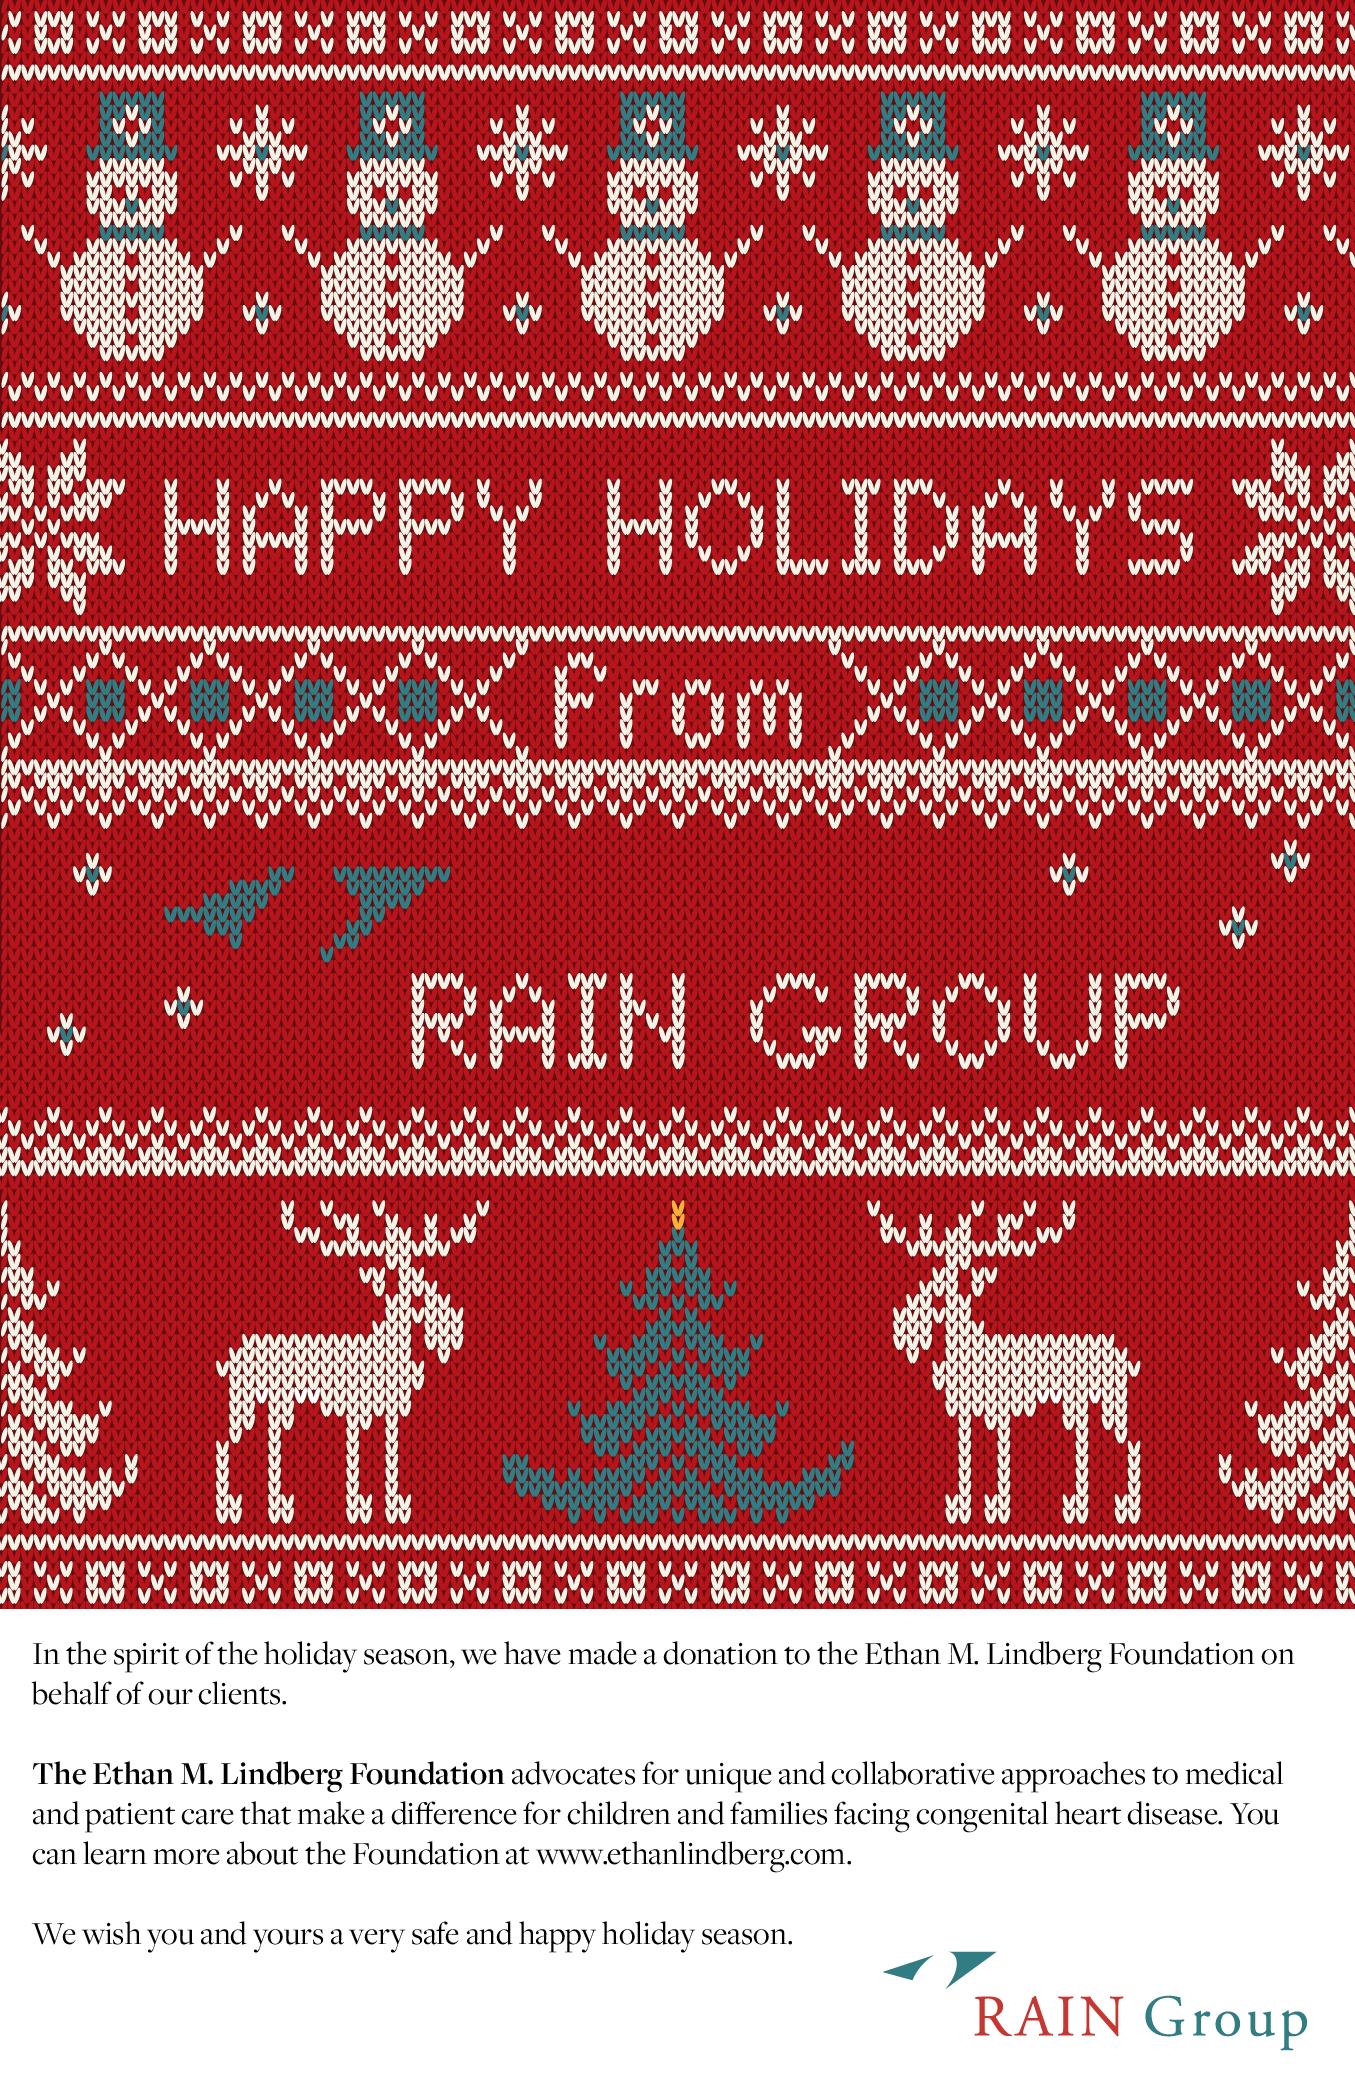 RAIN Group Holiday 2016.png